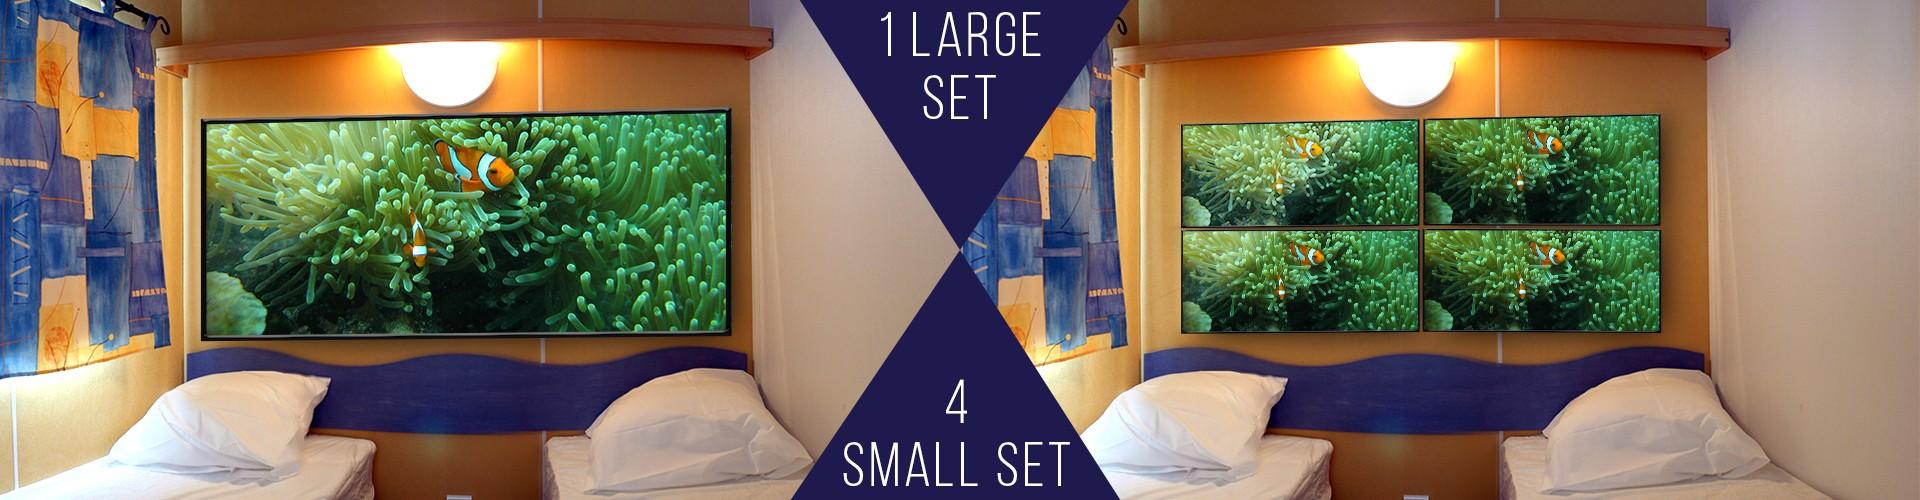 1 large set vs 4 smaller sets